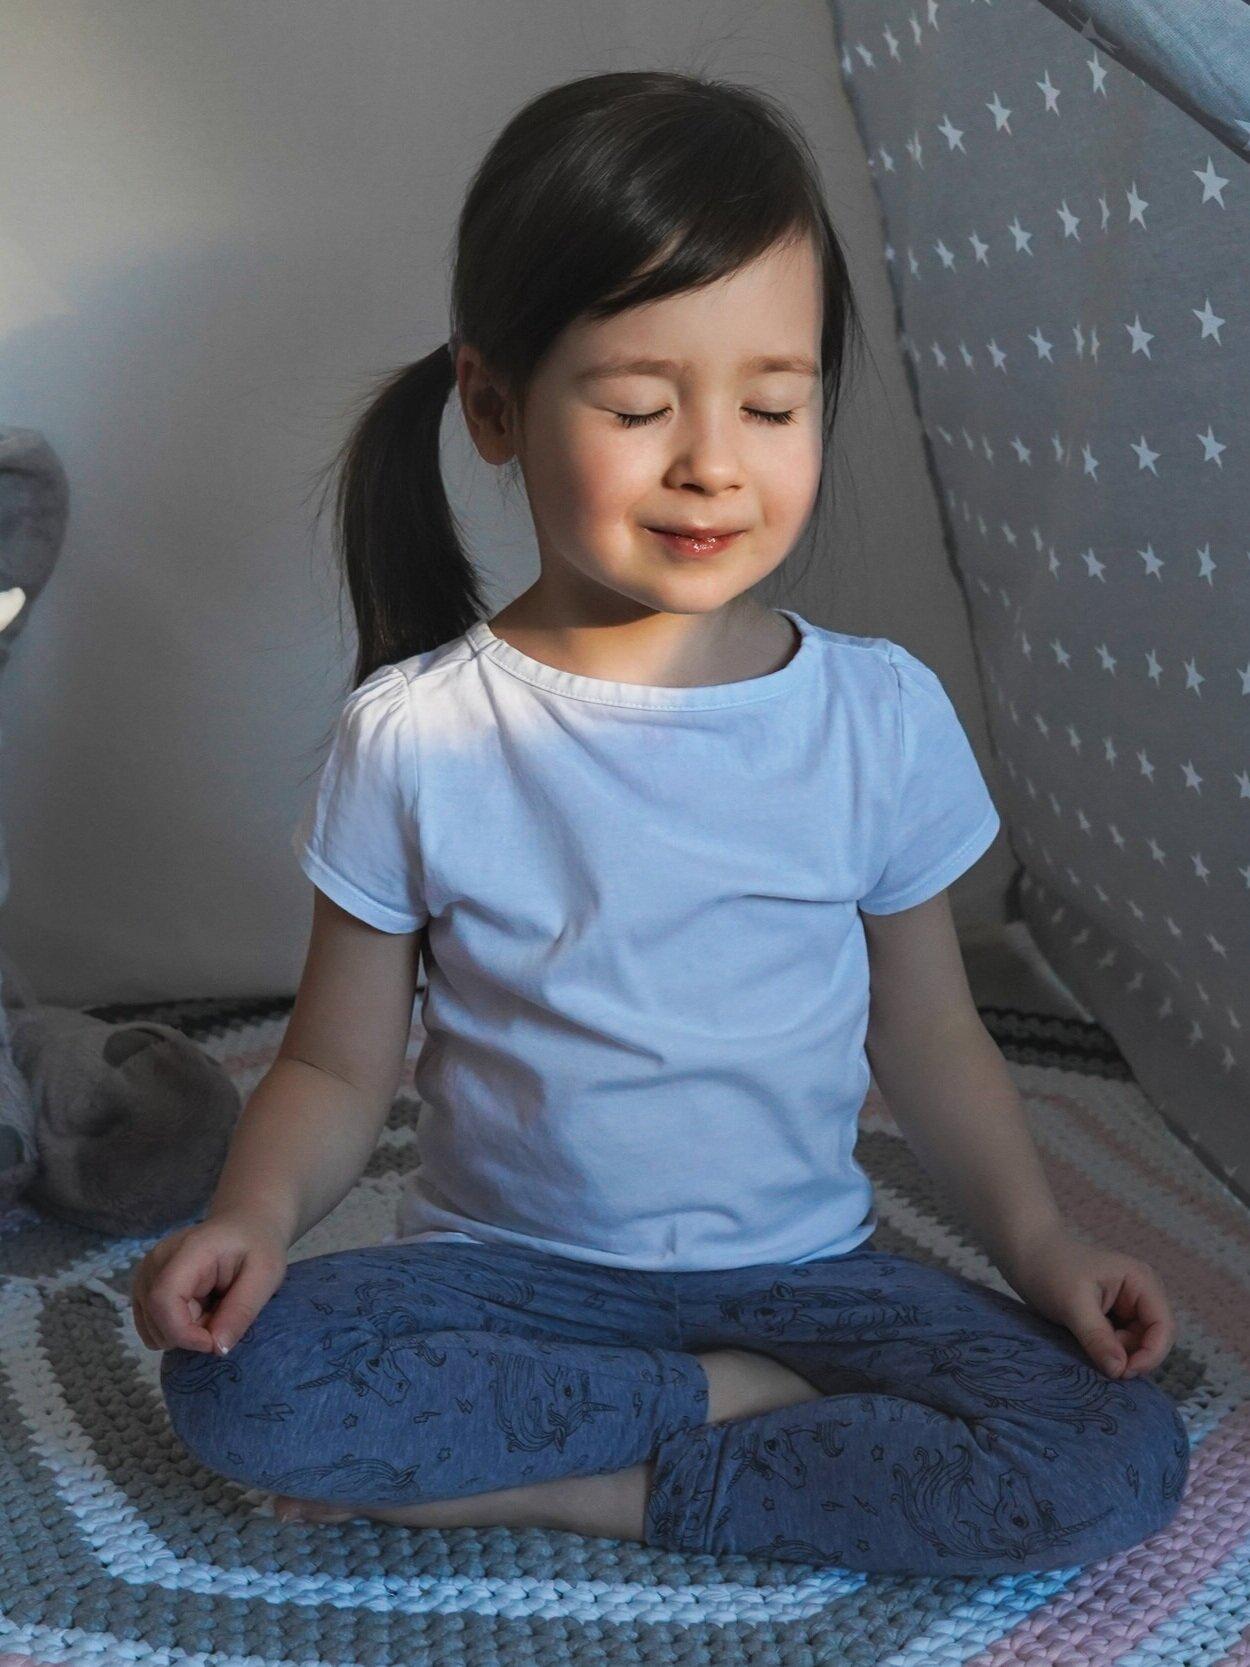 Little girl meditating in yoga pose